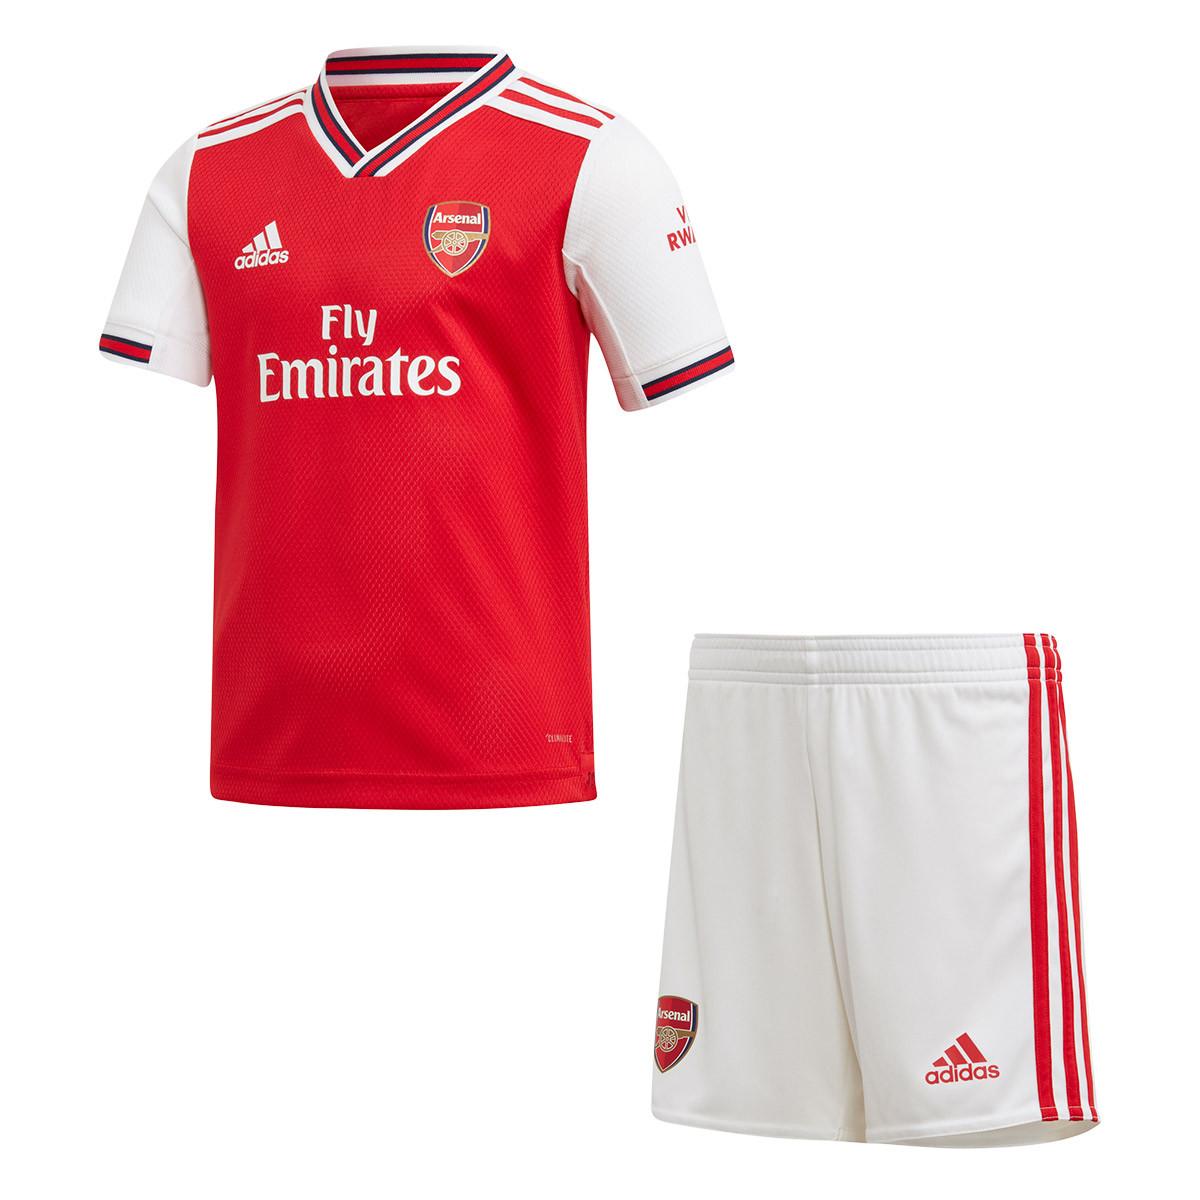 deb6692c0 Kit adidas Arsenal FC Primera Equipación 2019-2020 Niño Scarlet ...